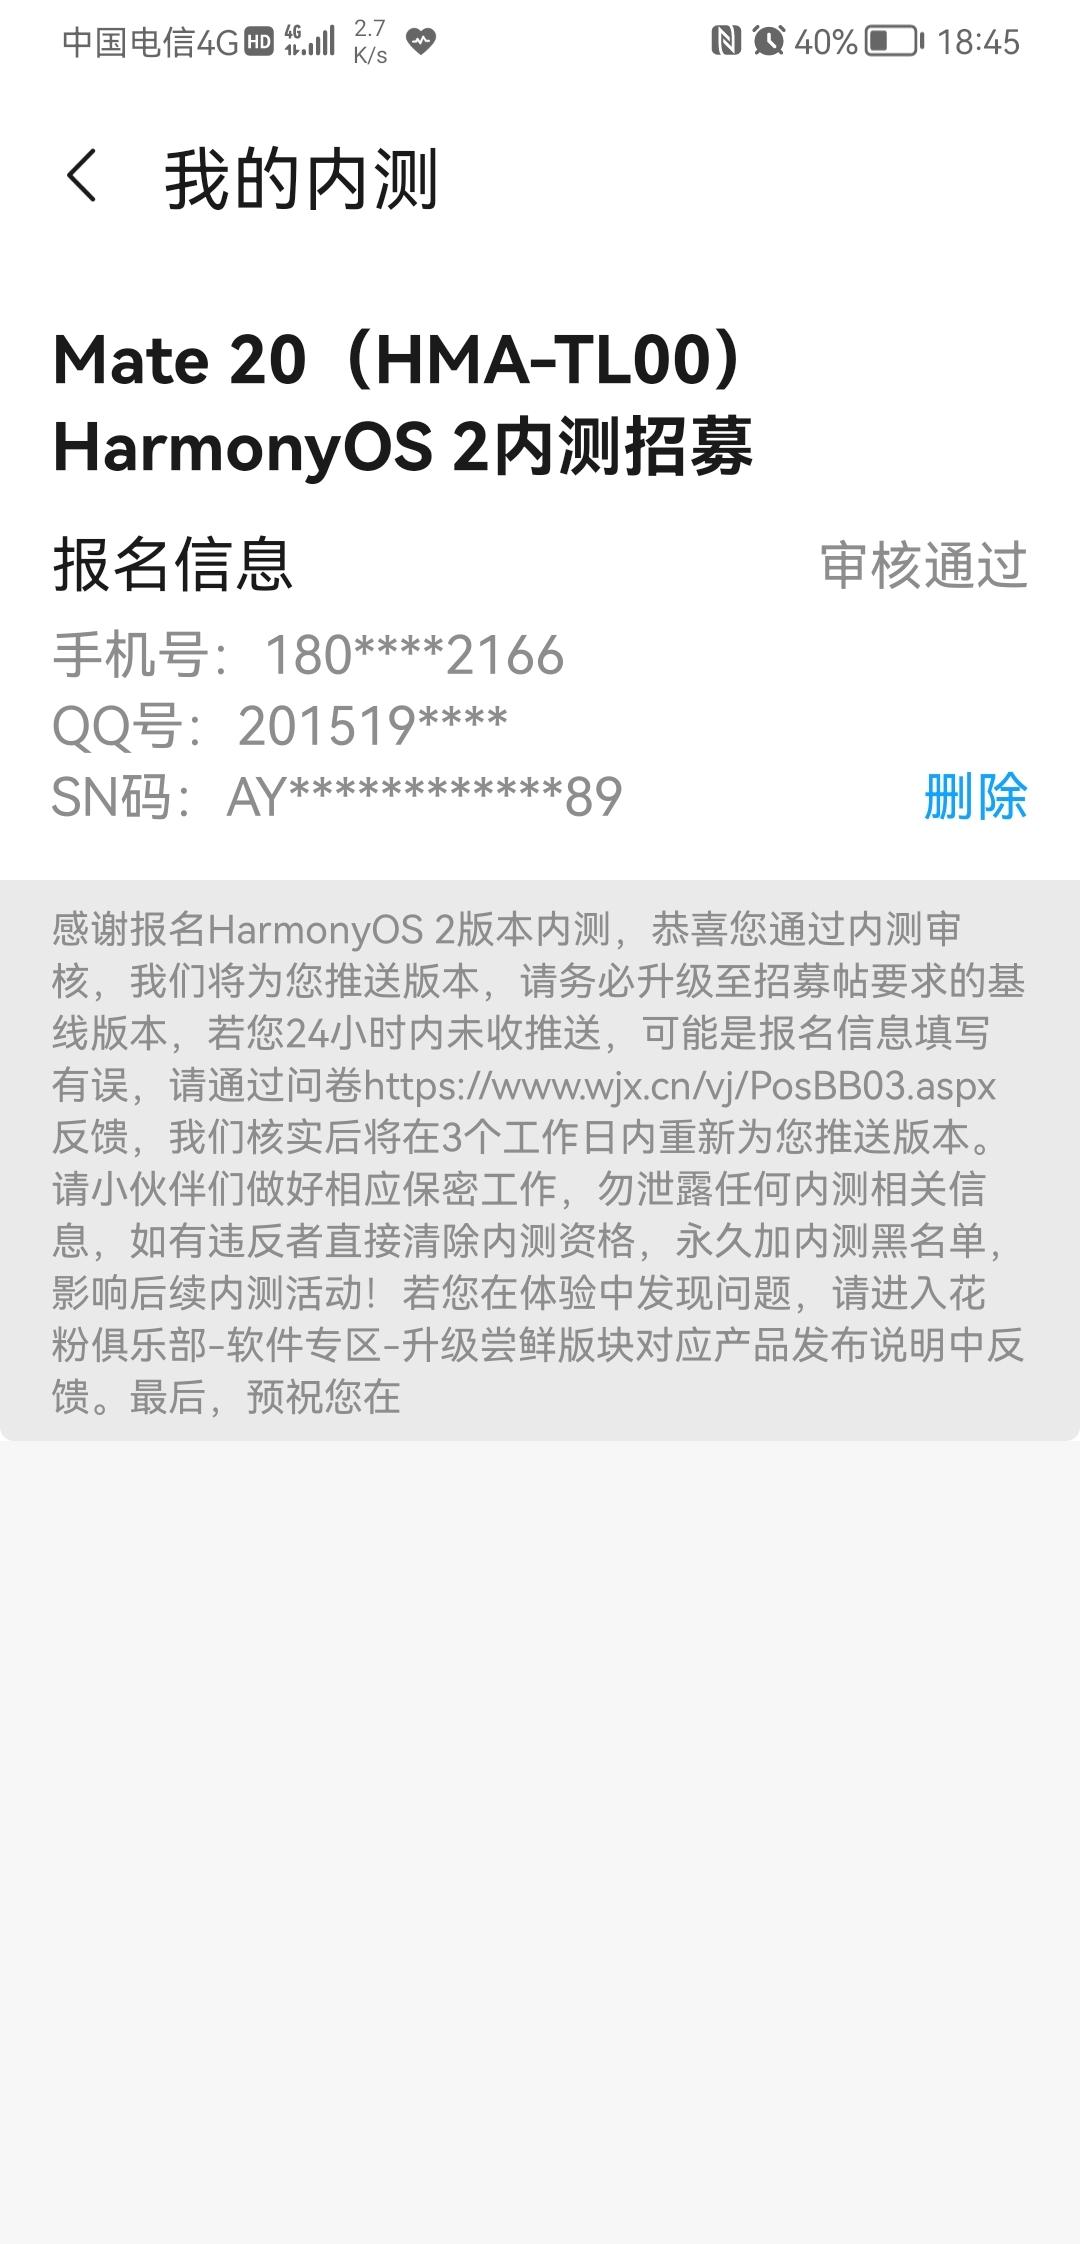 Screenshot_20210611_184535_com.huawei.fans.jpg